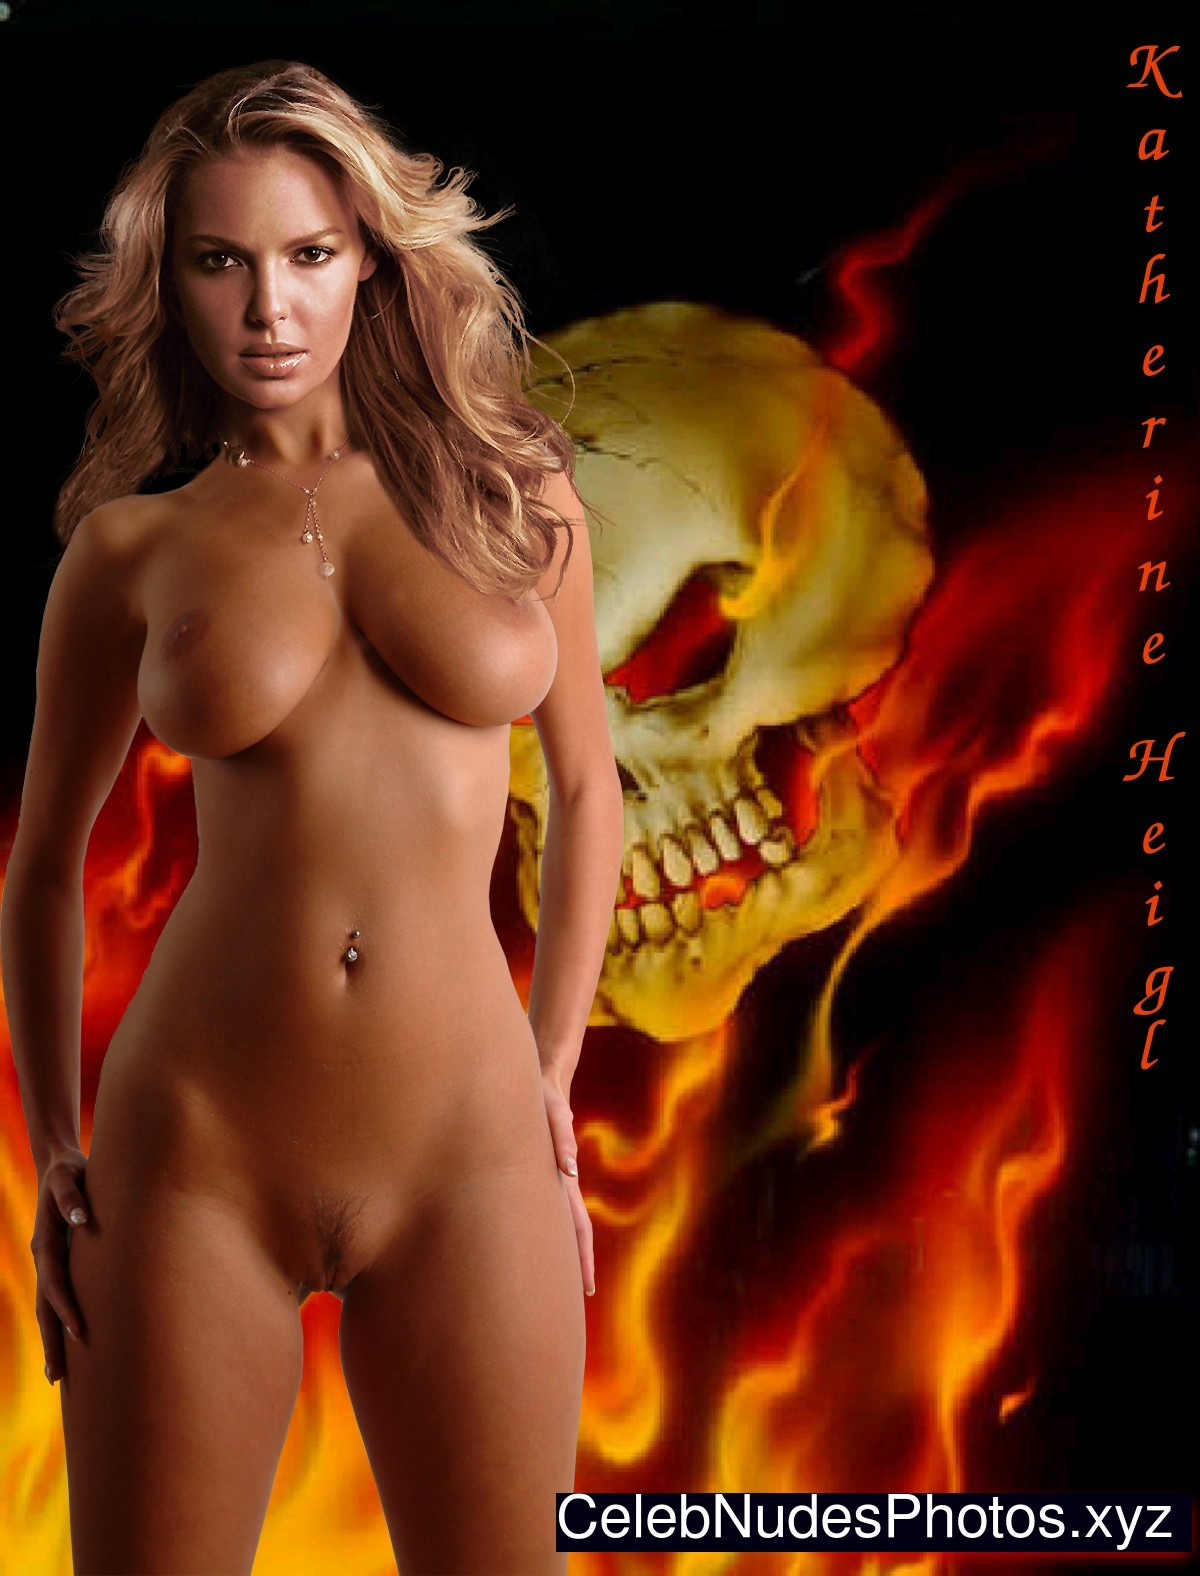 katherine heigl nude pic